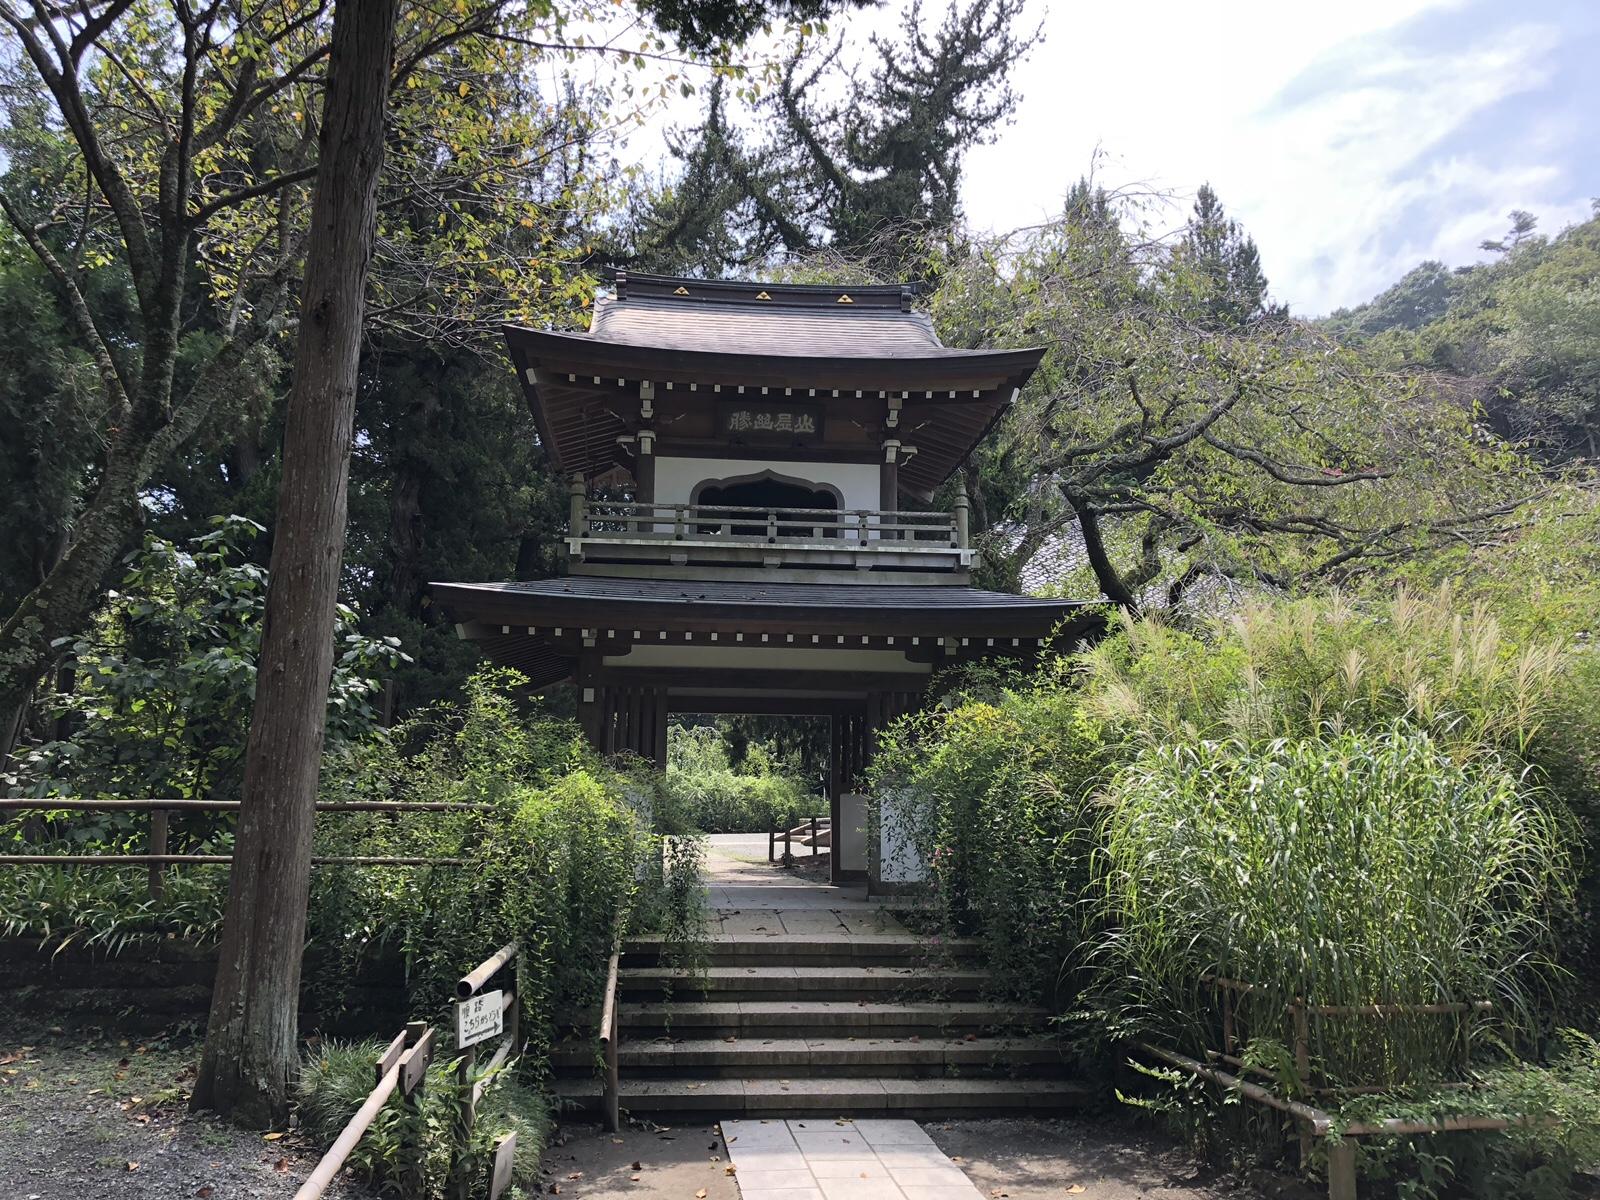 鎌倉七福神巡り「浄智寺」 山居幽勝と笑顔の布袋様、建長寺も